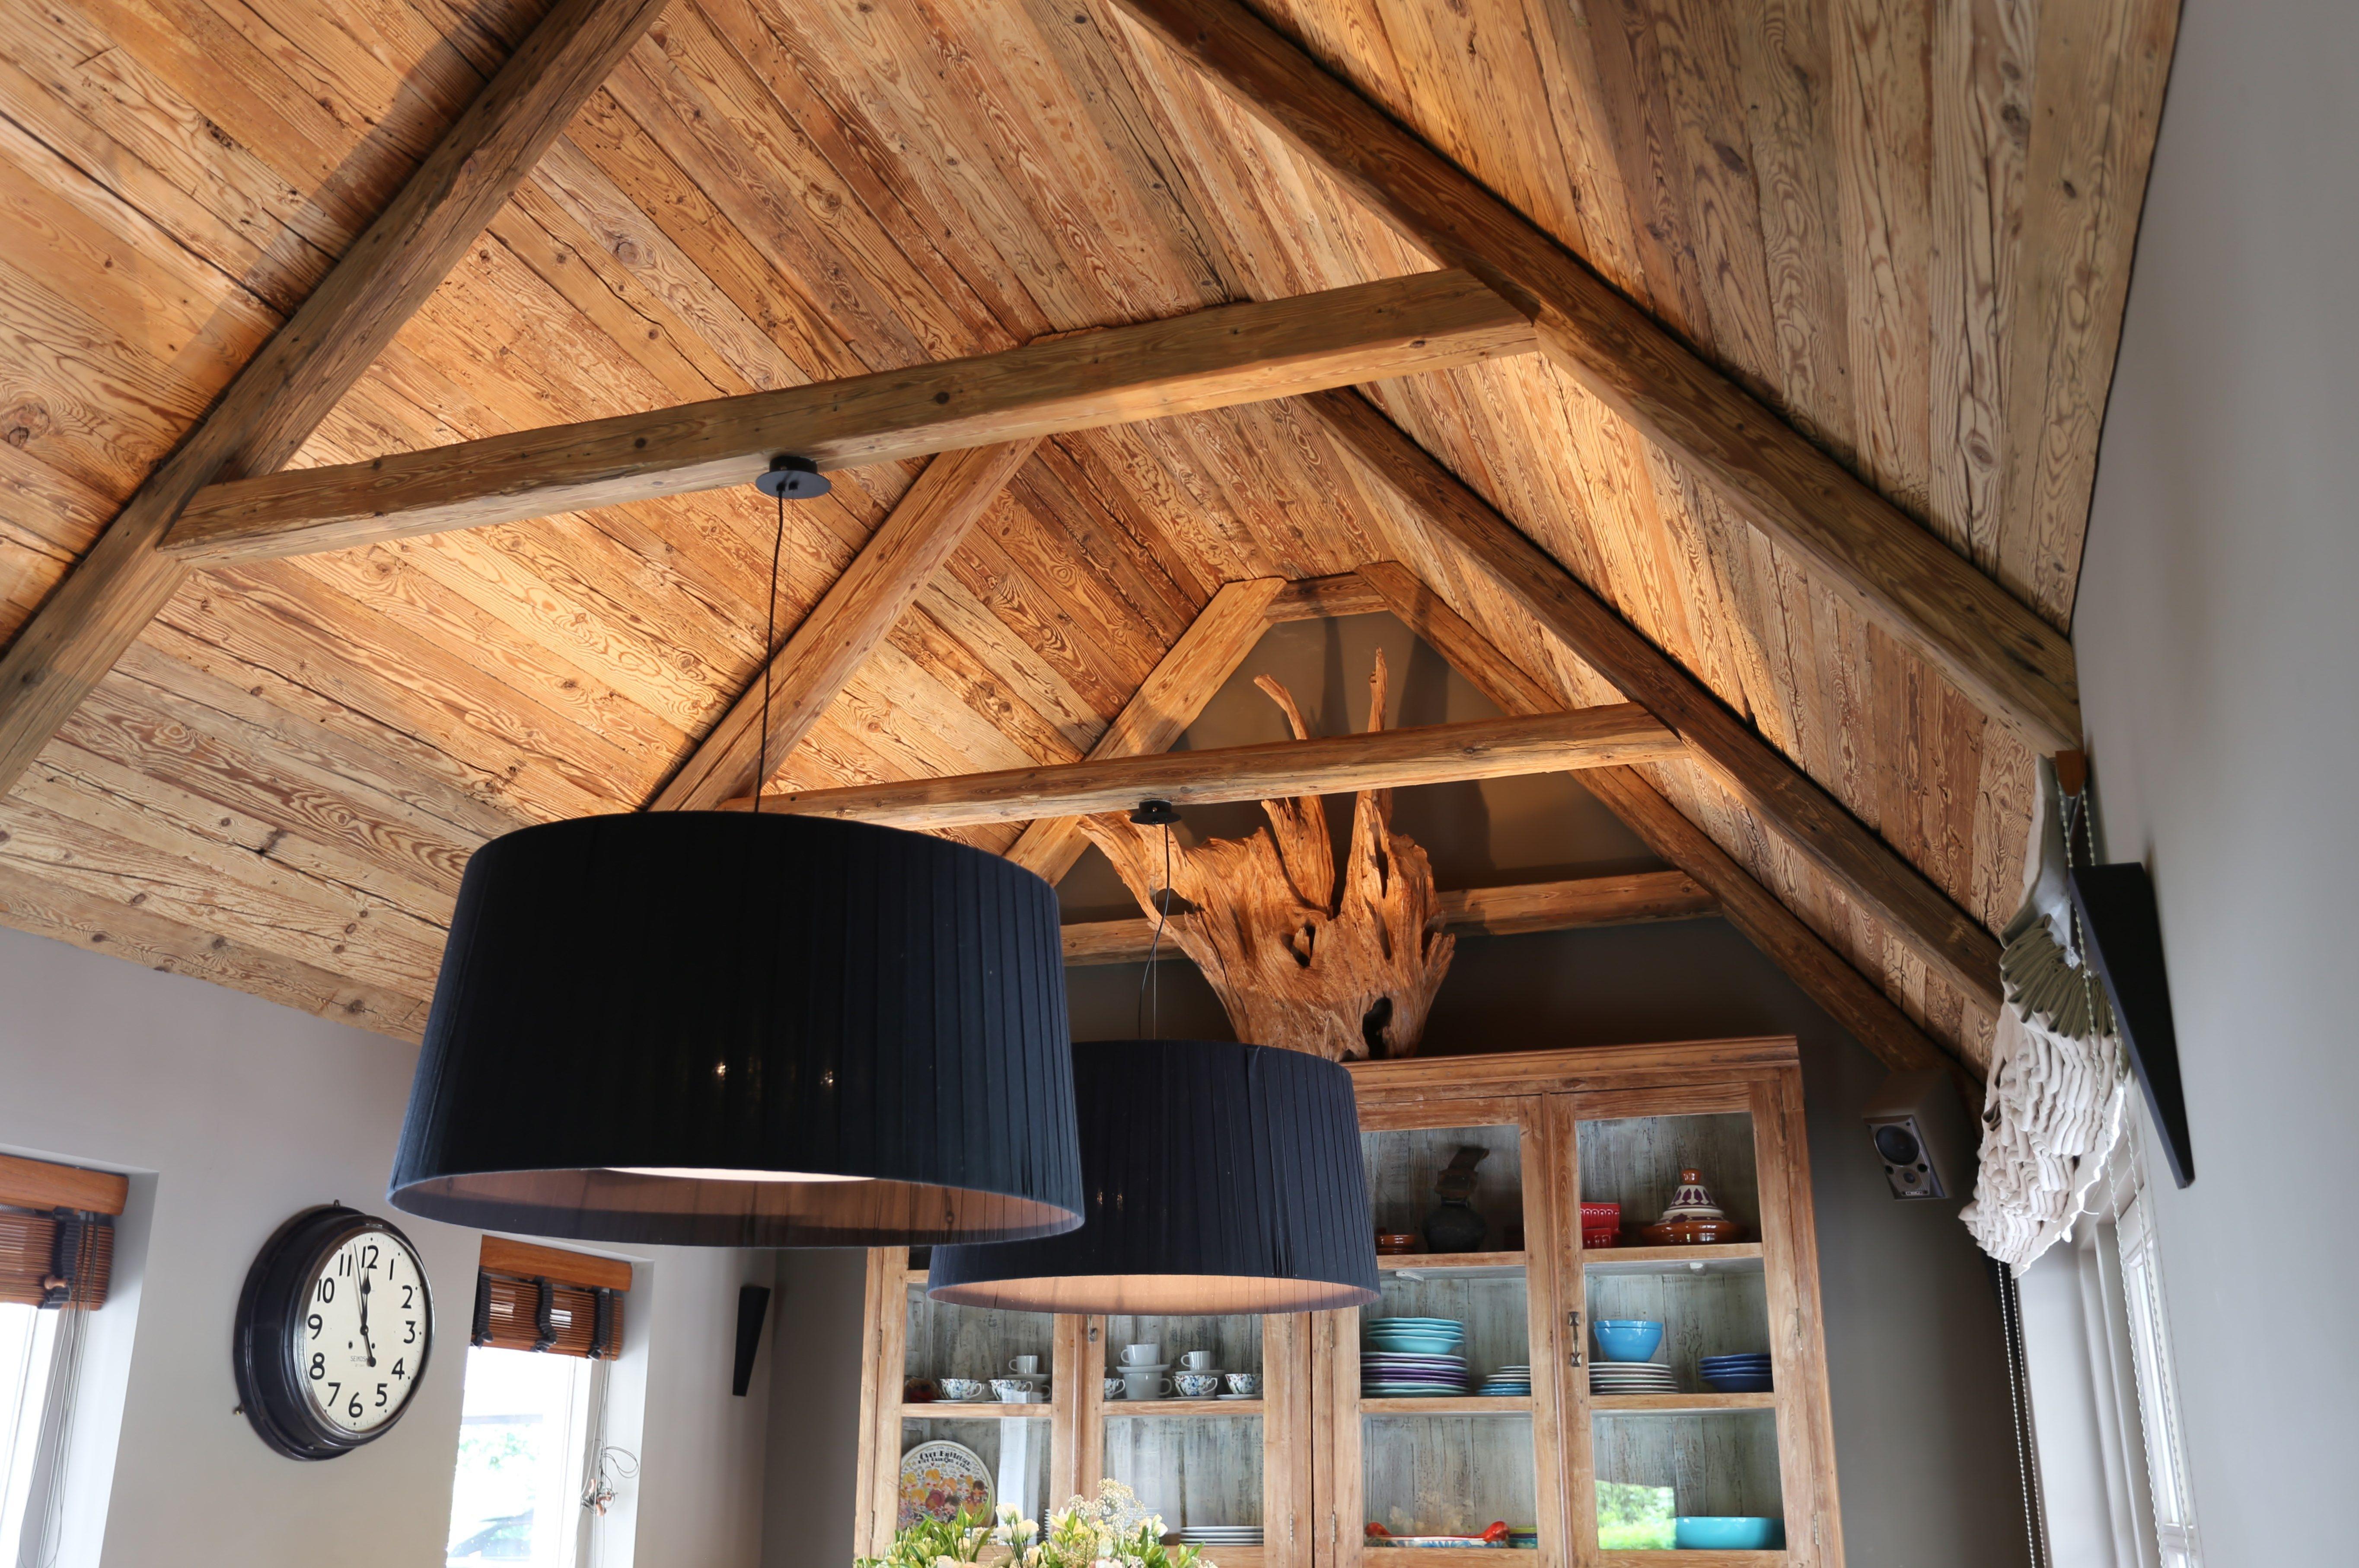 Www.nice Id.nl. Plafondbetimmering Van Oude Handgehakte Vuren Delen.  Leverancier Altholz Nederland.